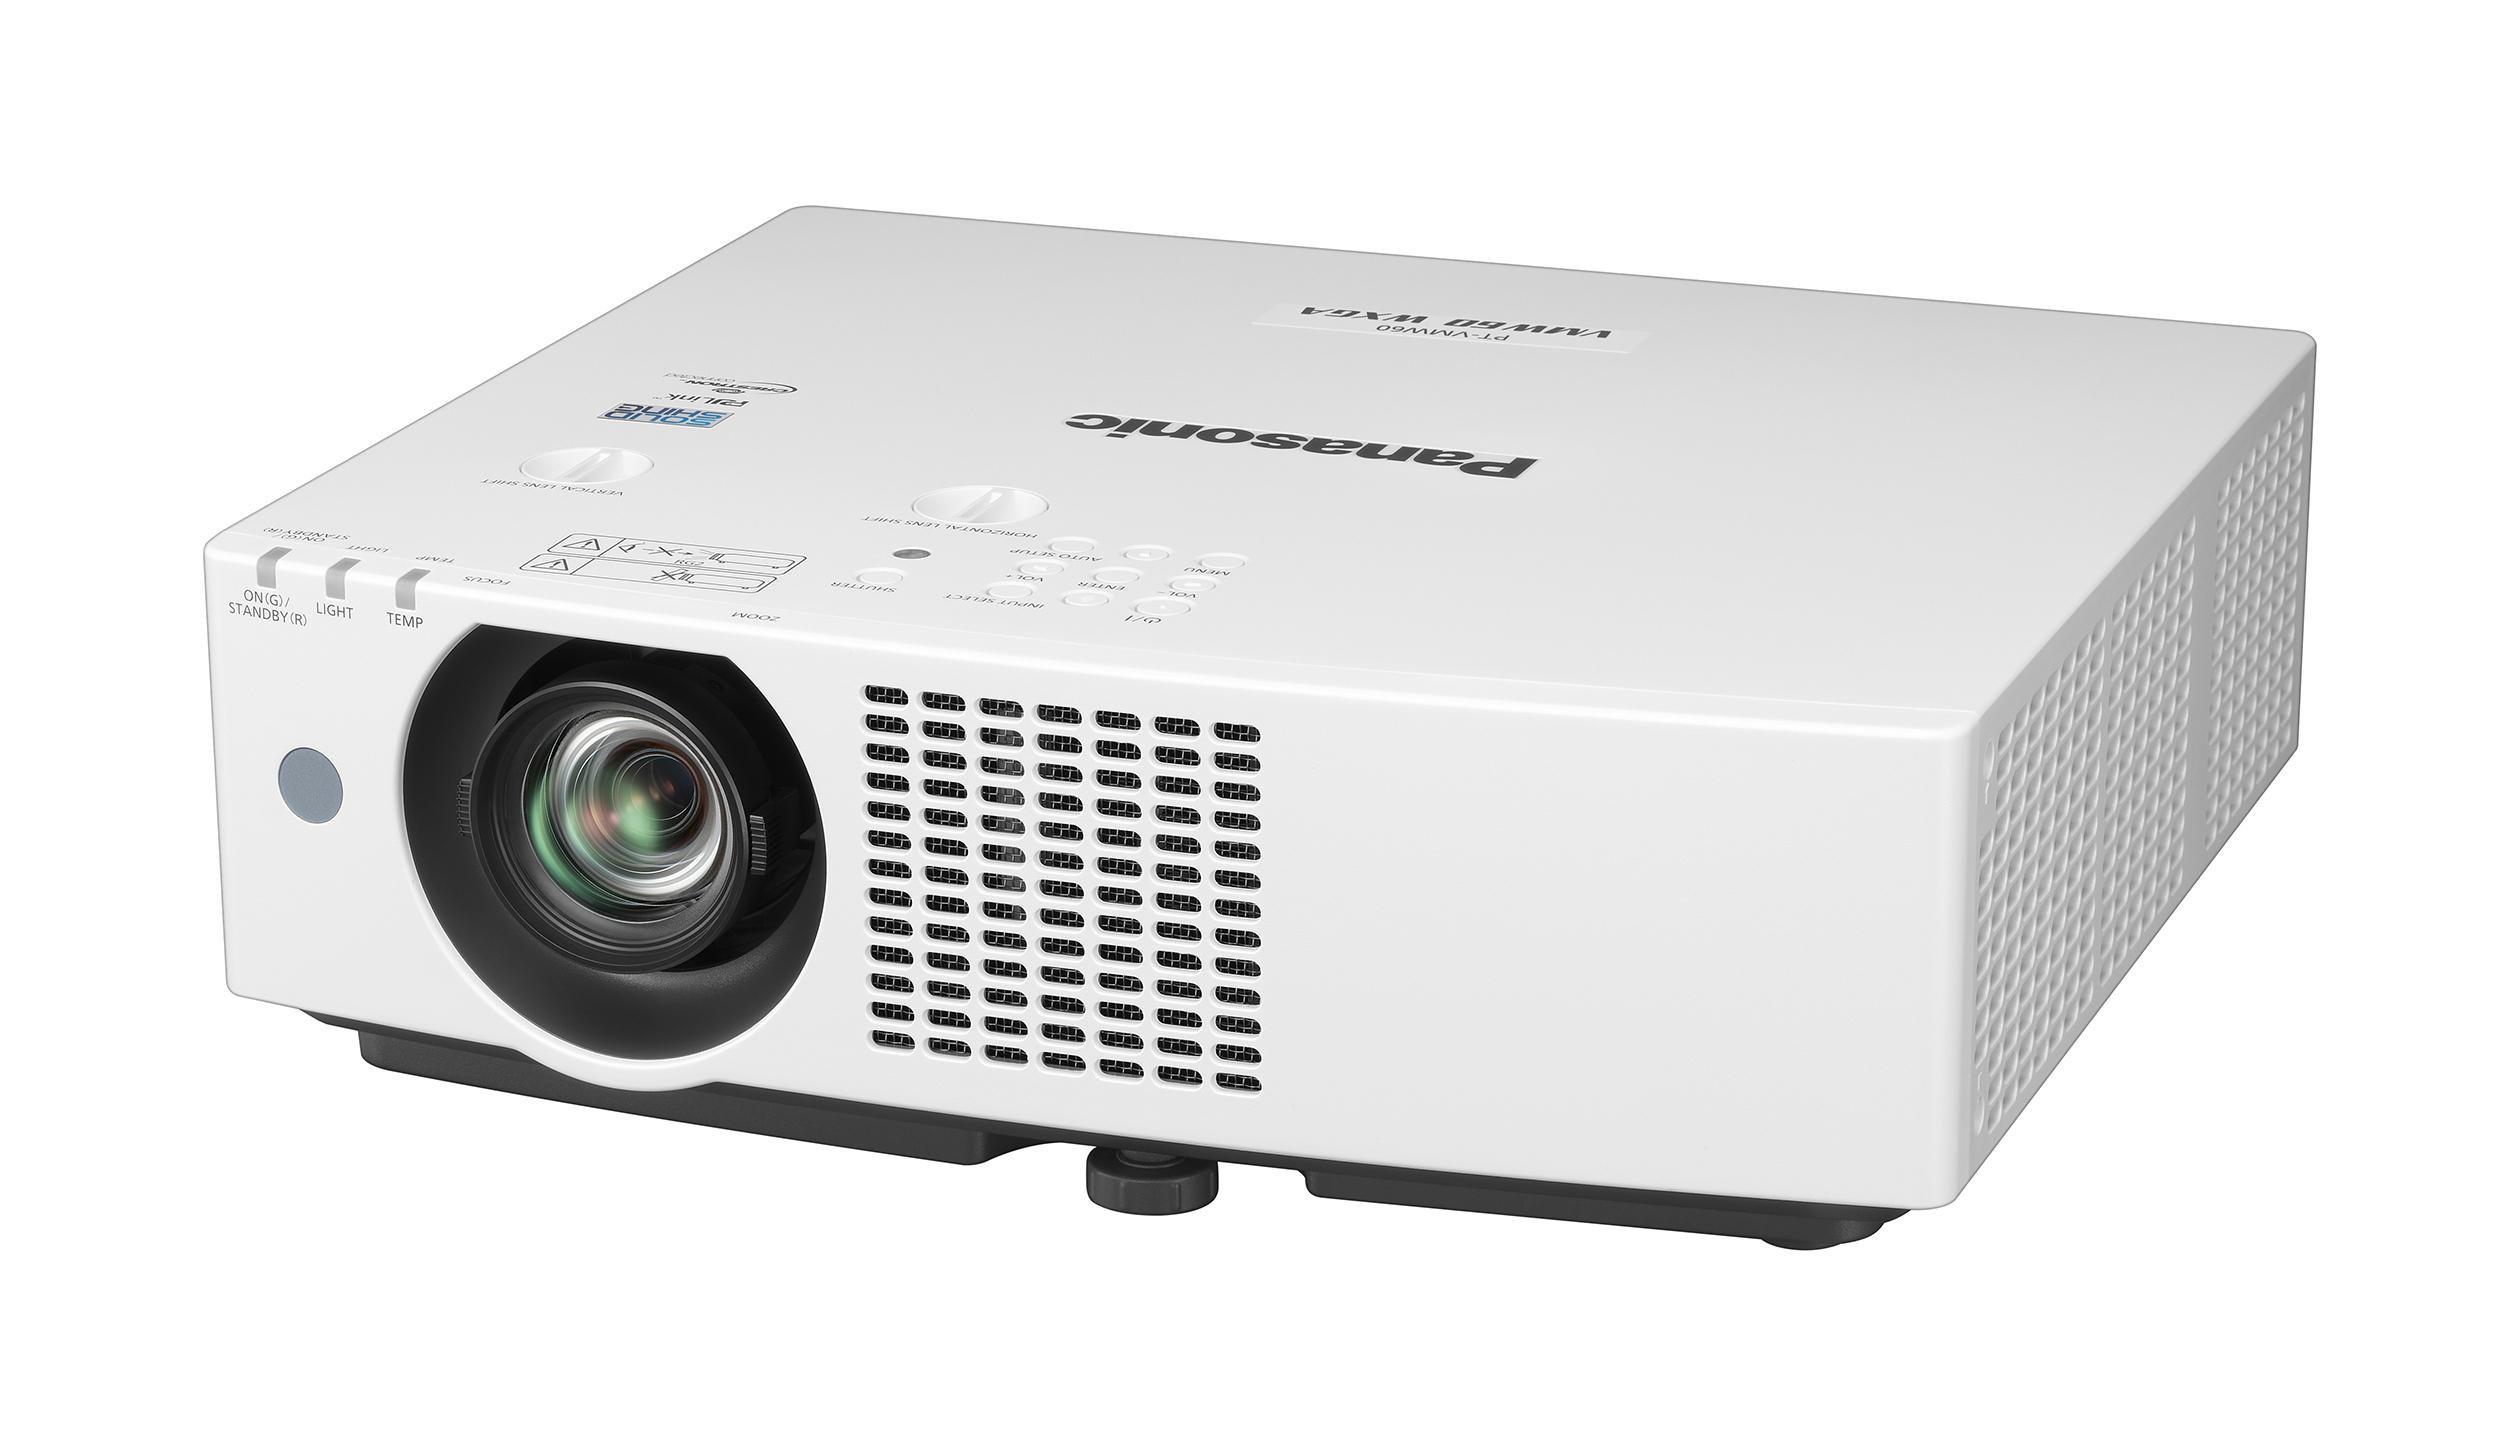 Projectors Laser WXGA LCD 6000 Lumens Projector